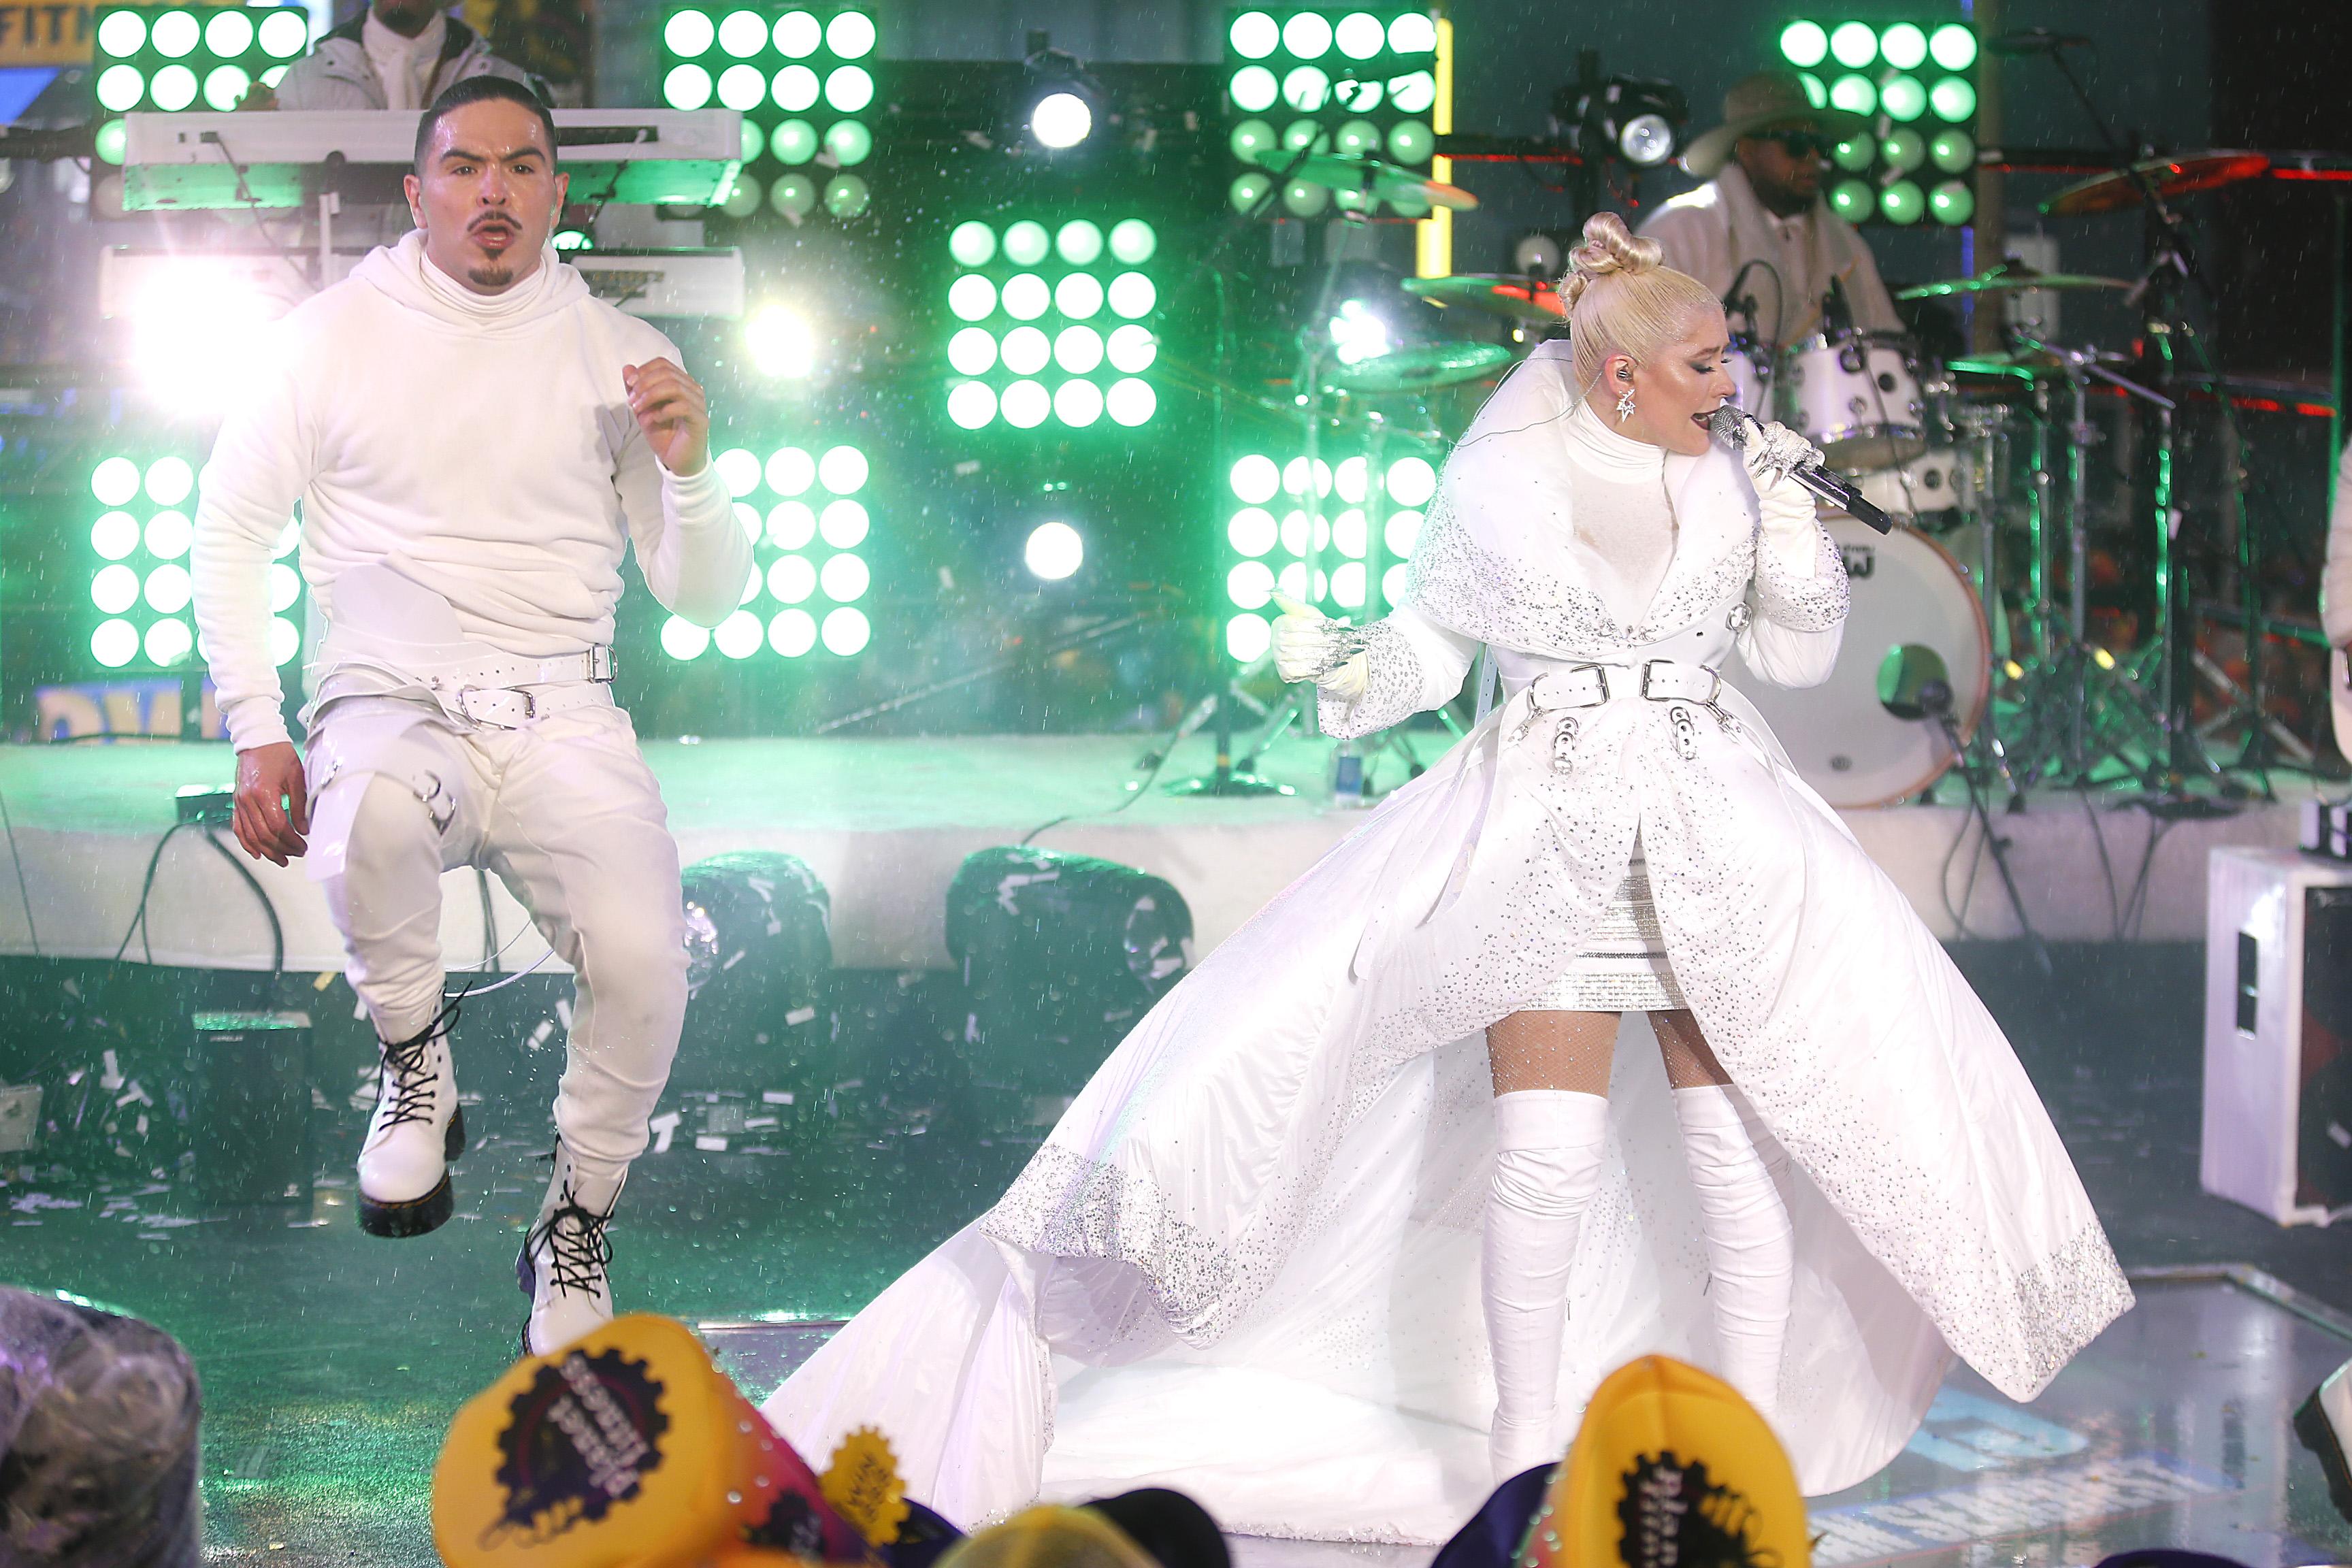 """Американската поп певица Кристина Агилера бе една от специалните изненади на новогодишното парти на """"Таймс скуеър"""" в Ню Йорк. Множеството, събрало се на площада, изригна в радостни възгласи при настъпването на 2019 г., а небето беше озарено от фойерверки."""